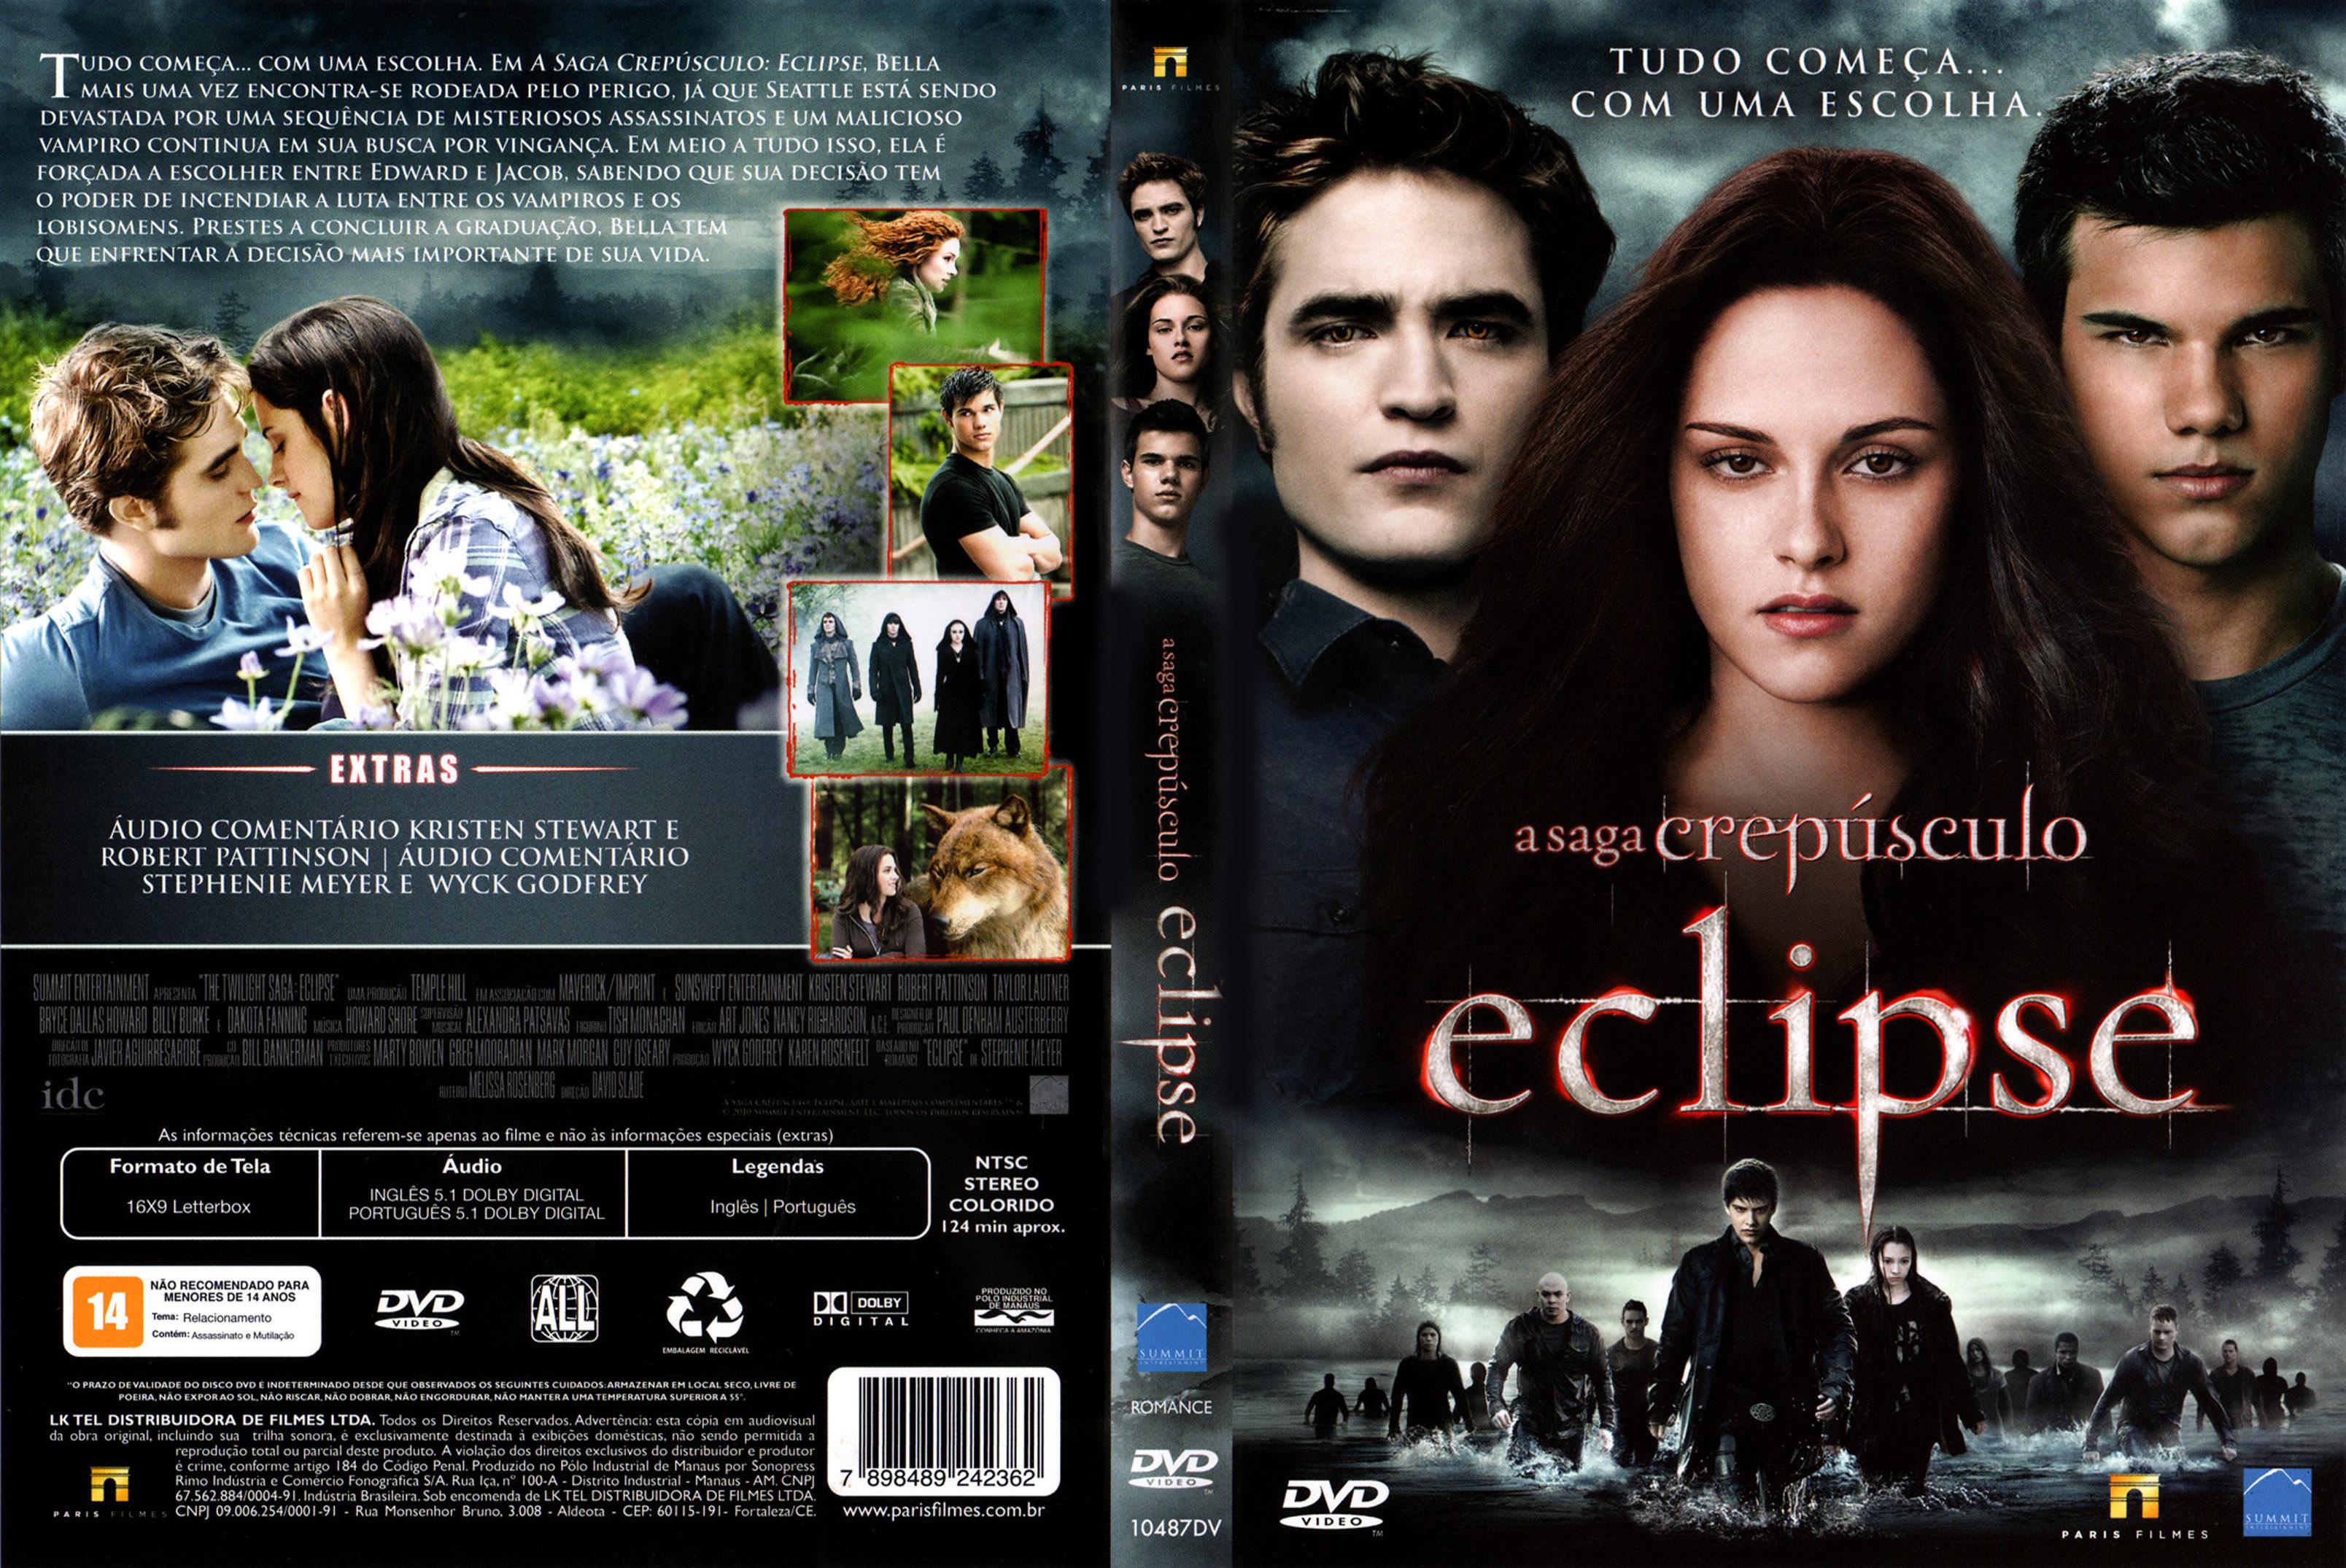 ASagaCrepusculoEclipse